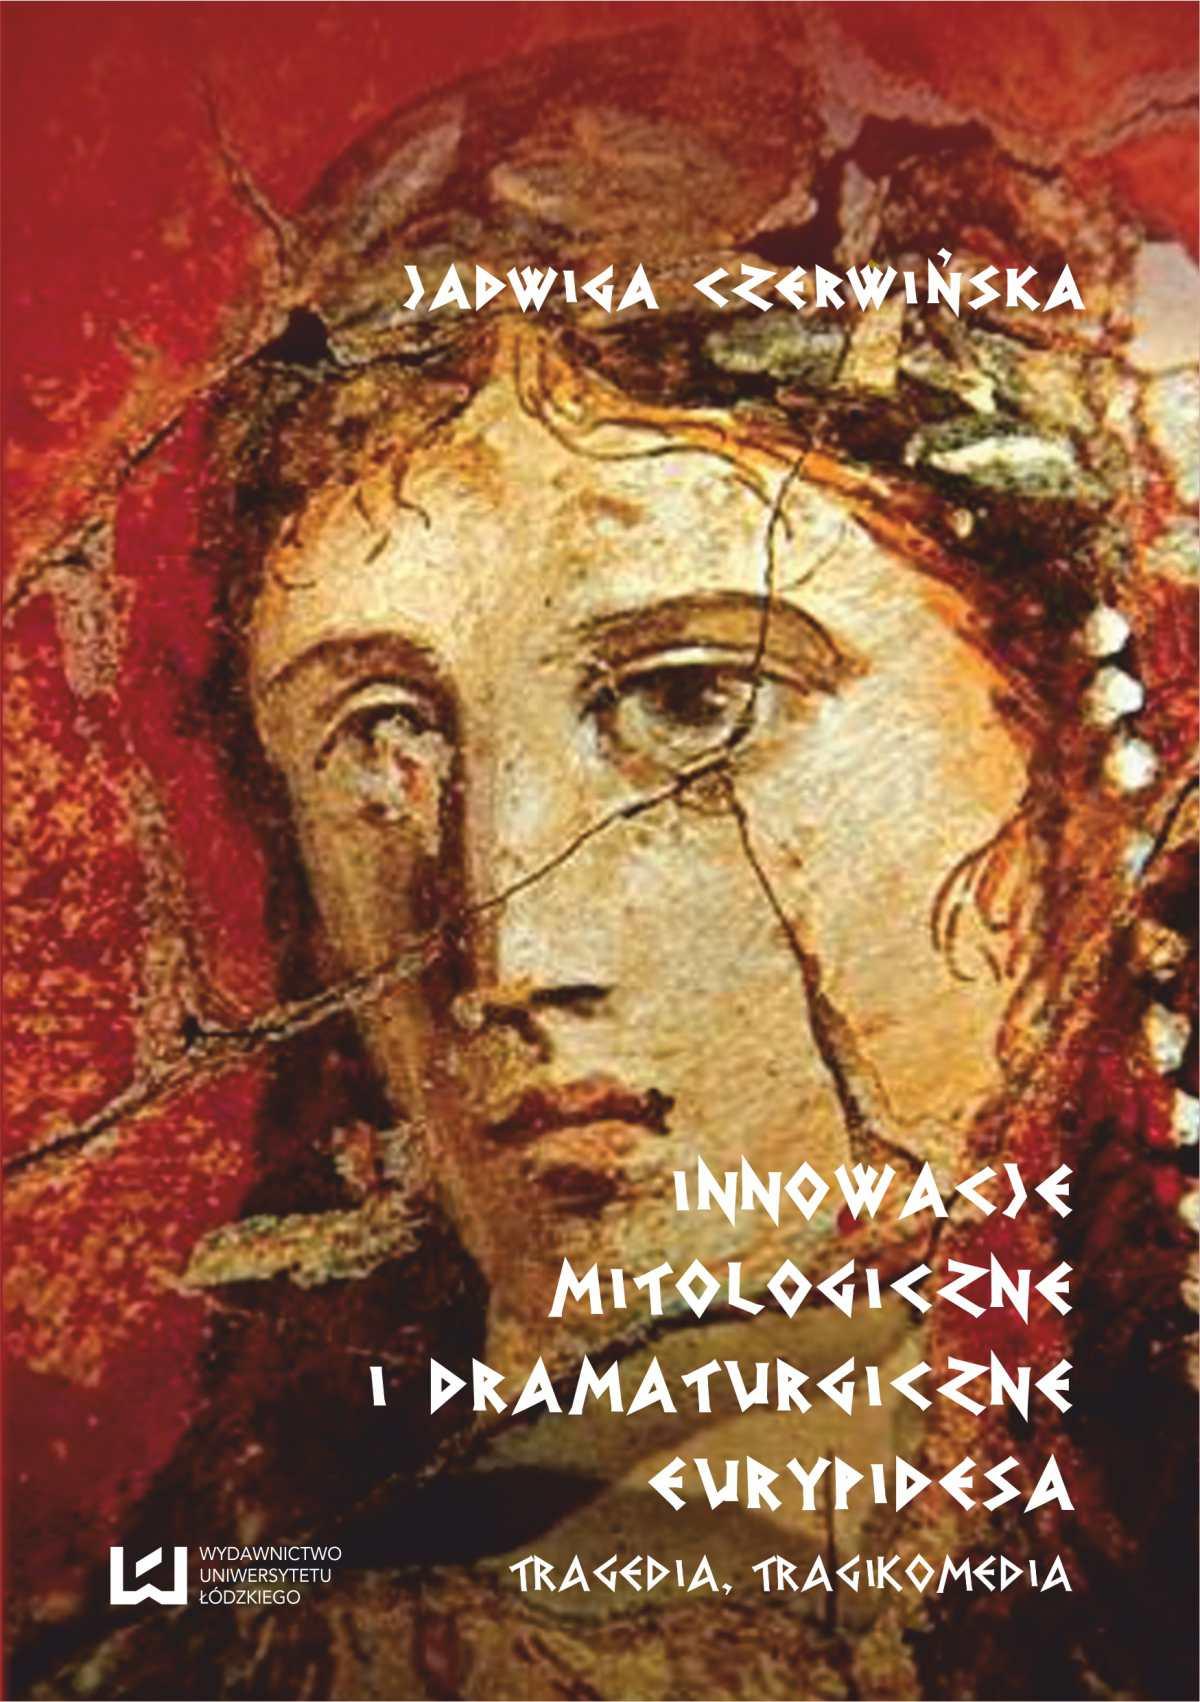 Innowacje mitologiczne i dramaturgiczne Eurypidesa. Tragedia, tragikomedia - Ebook (Książka PDF) do pobrania w formacie PDF